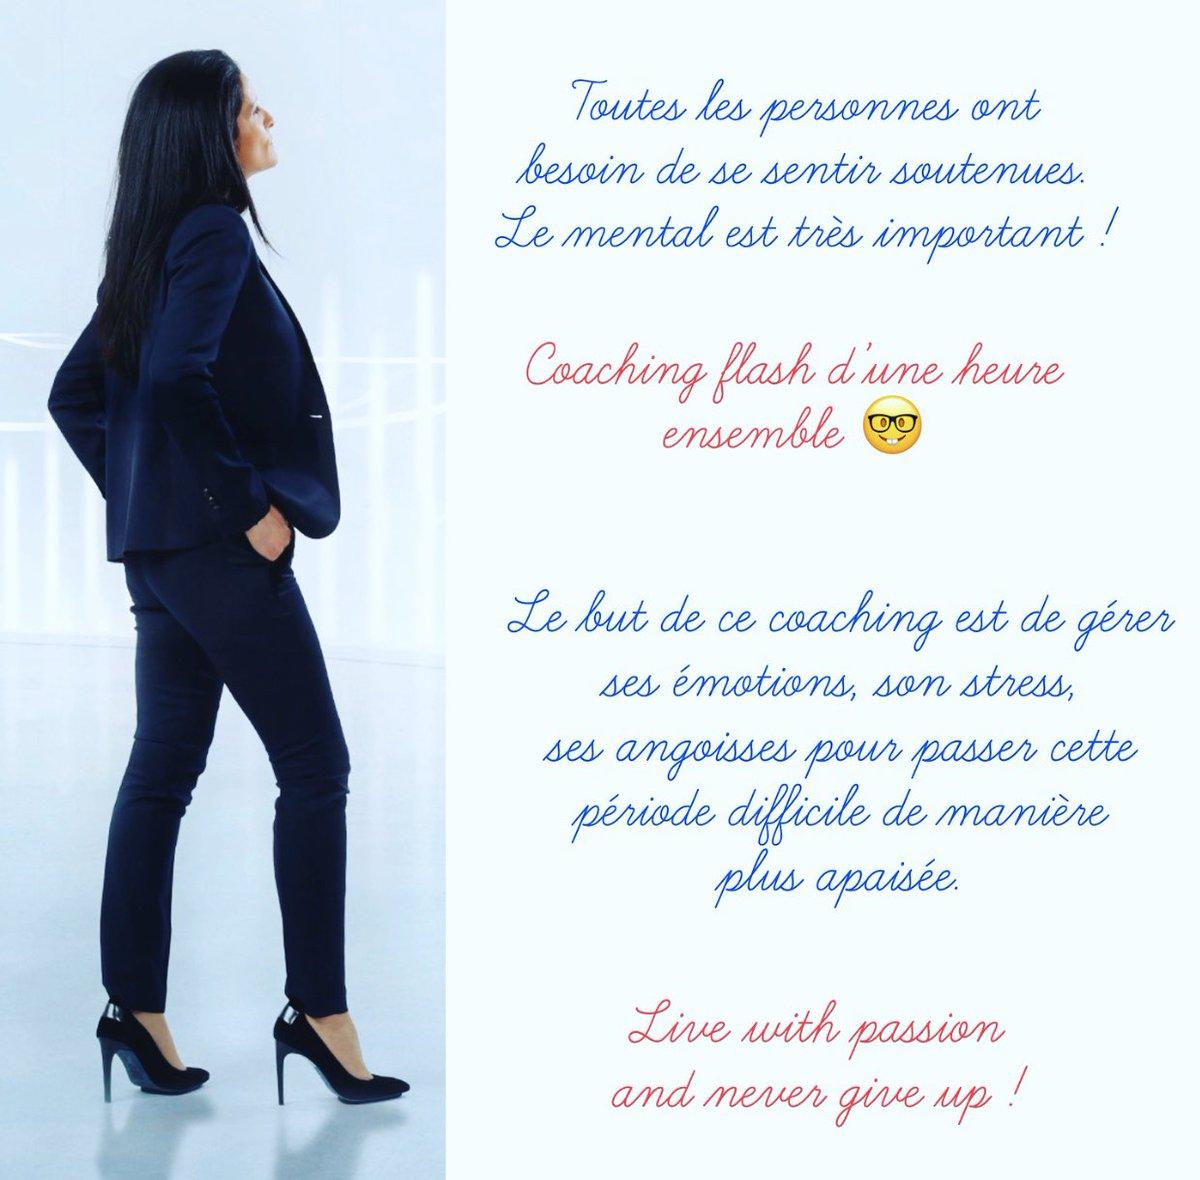 #vivreheureux #positif #coachingpic.twitter.com/GoucygxNmG